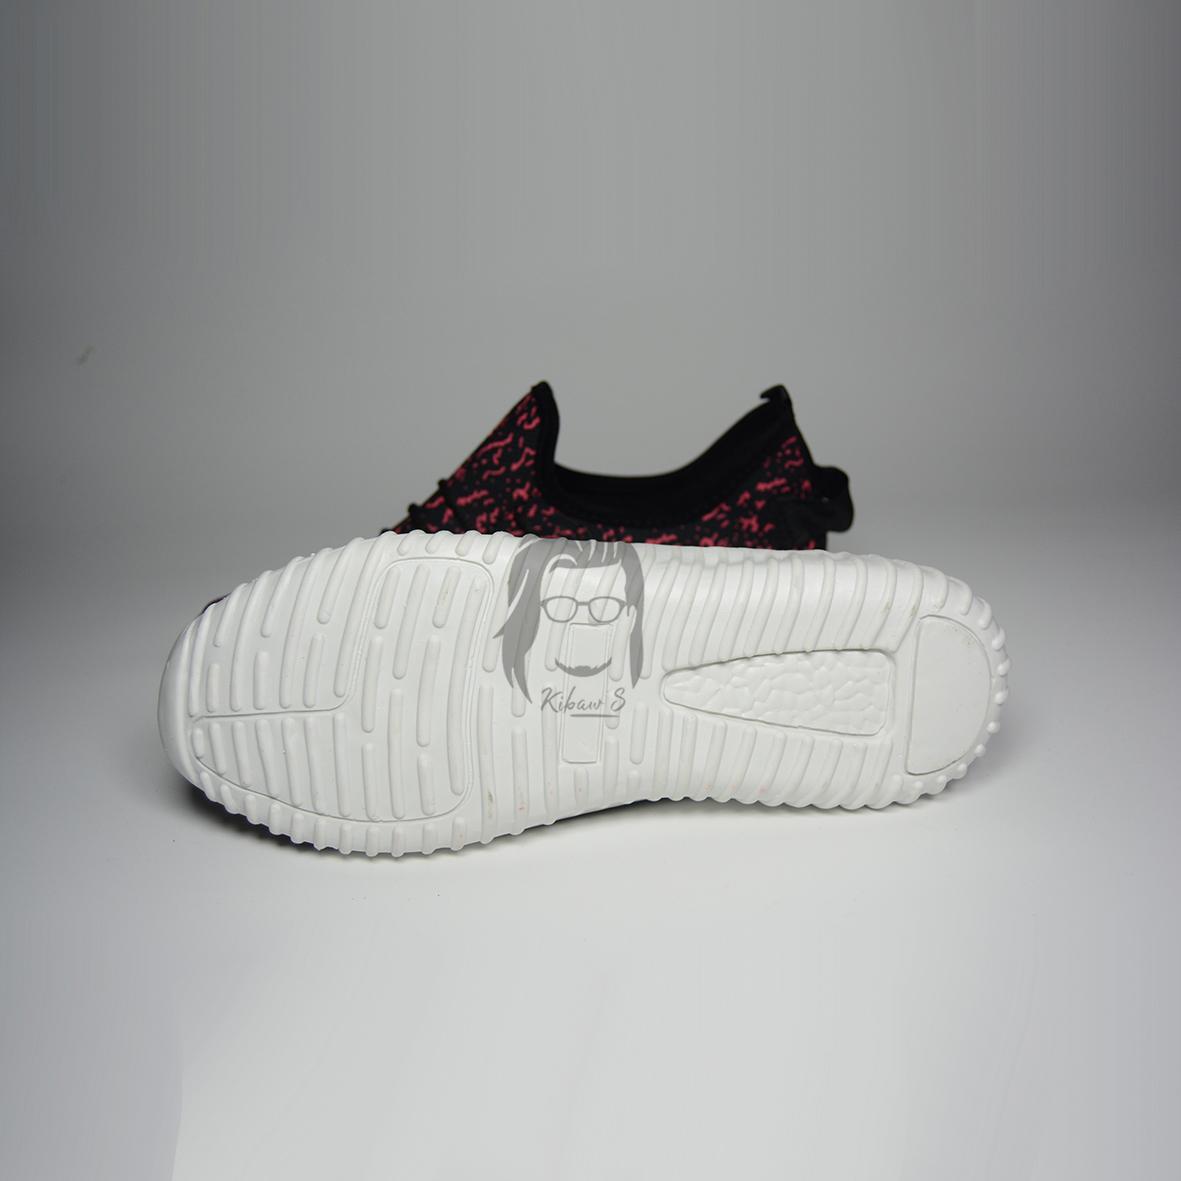 ... Kibaws sepatu yz merah hitam belang cocok untuk hangout dan olahraga - 3